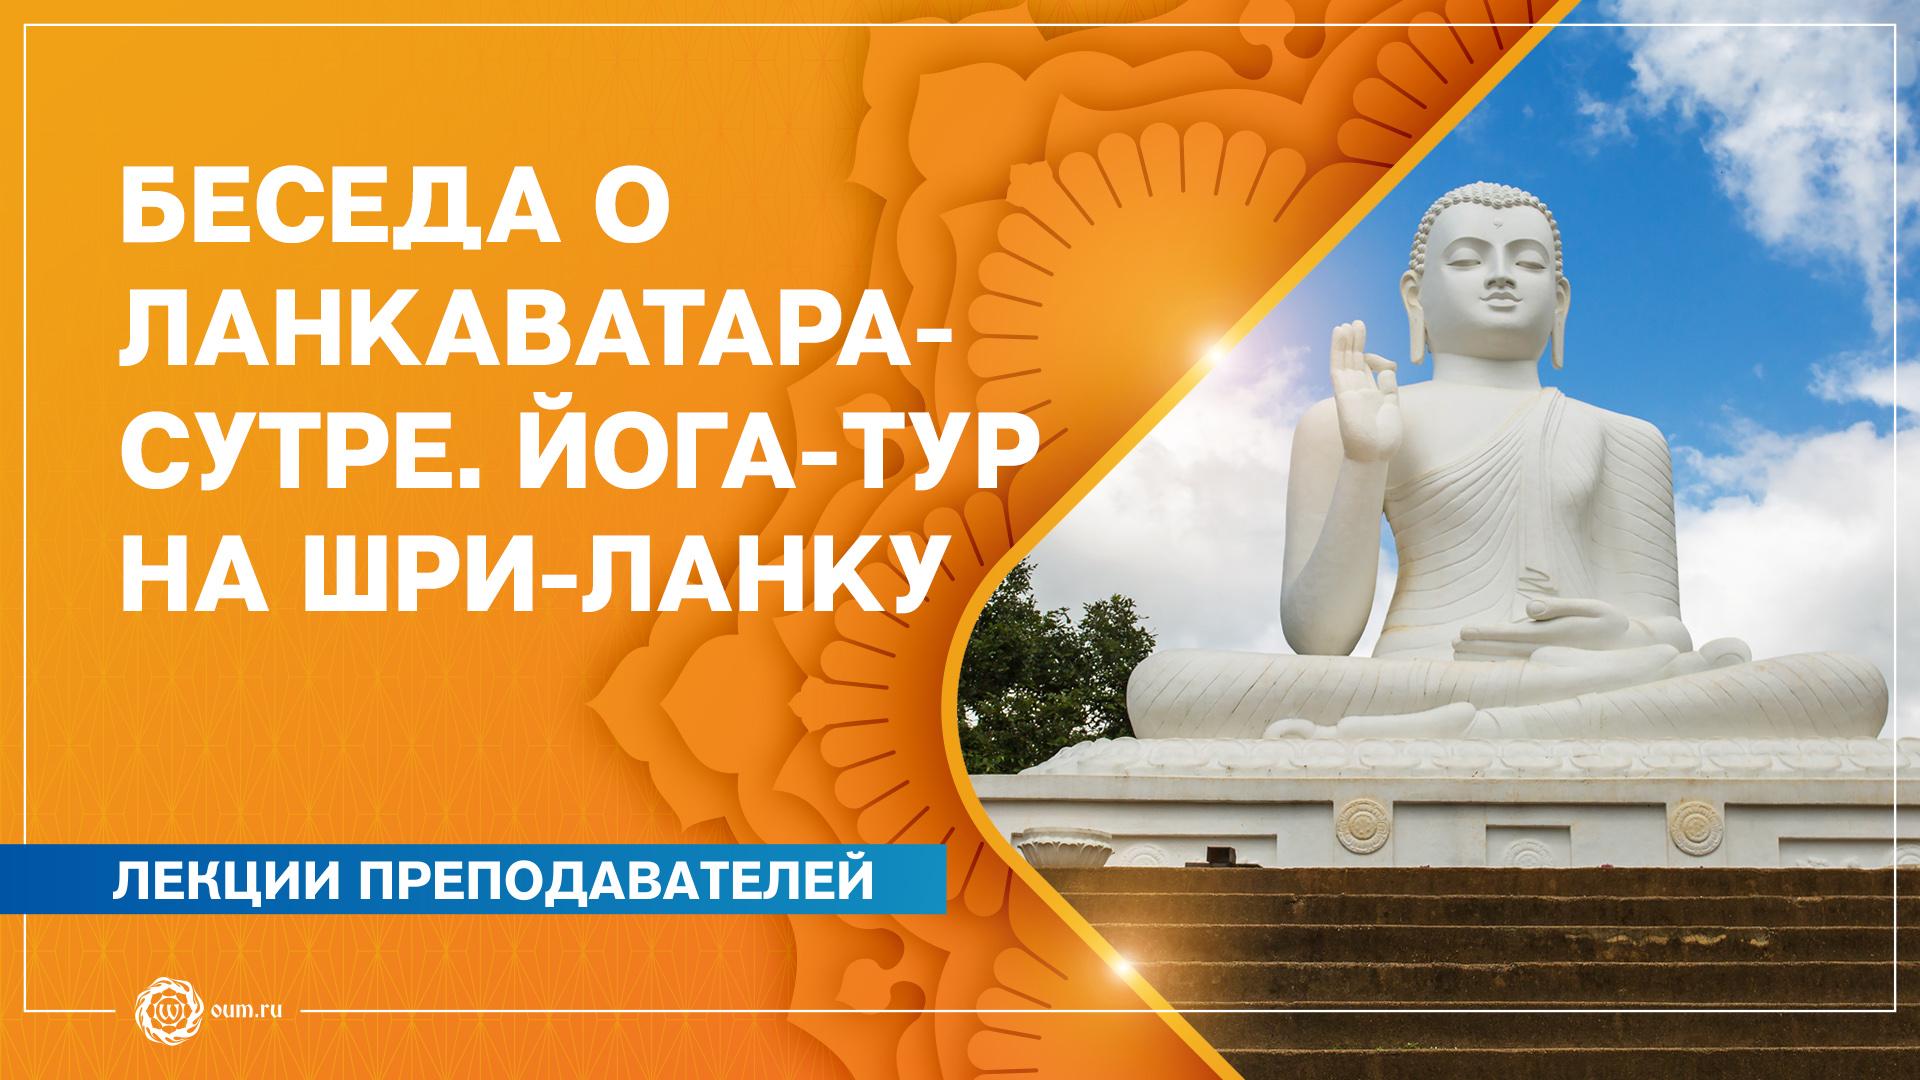 Беседа о Ланкаватара-сутре. Йога-тур на Шри-Ланку. Александра Штукатурова